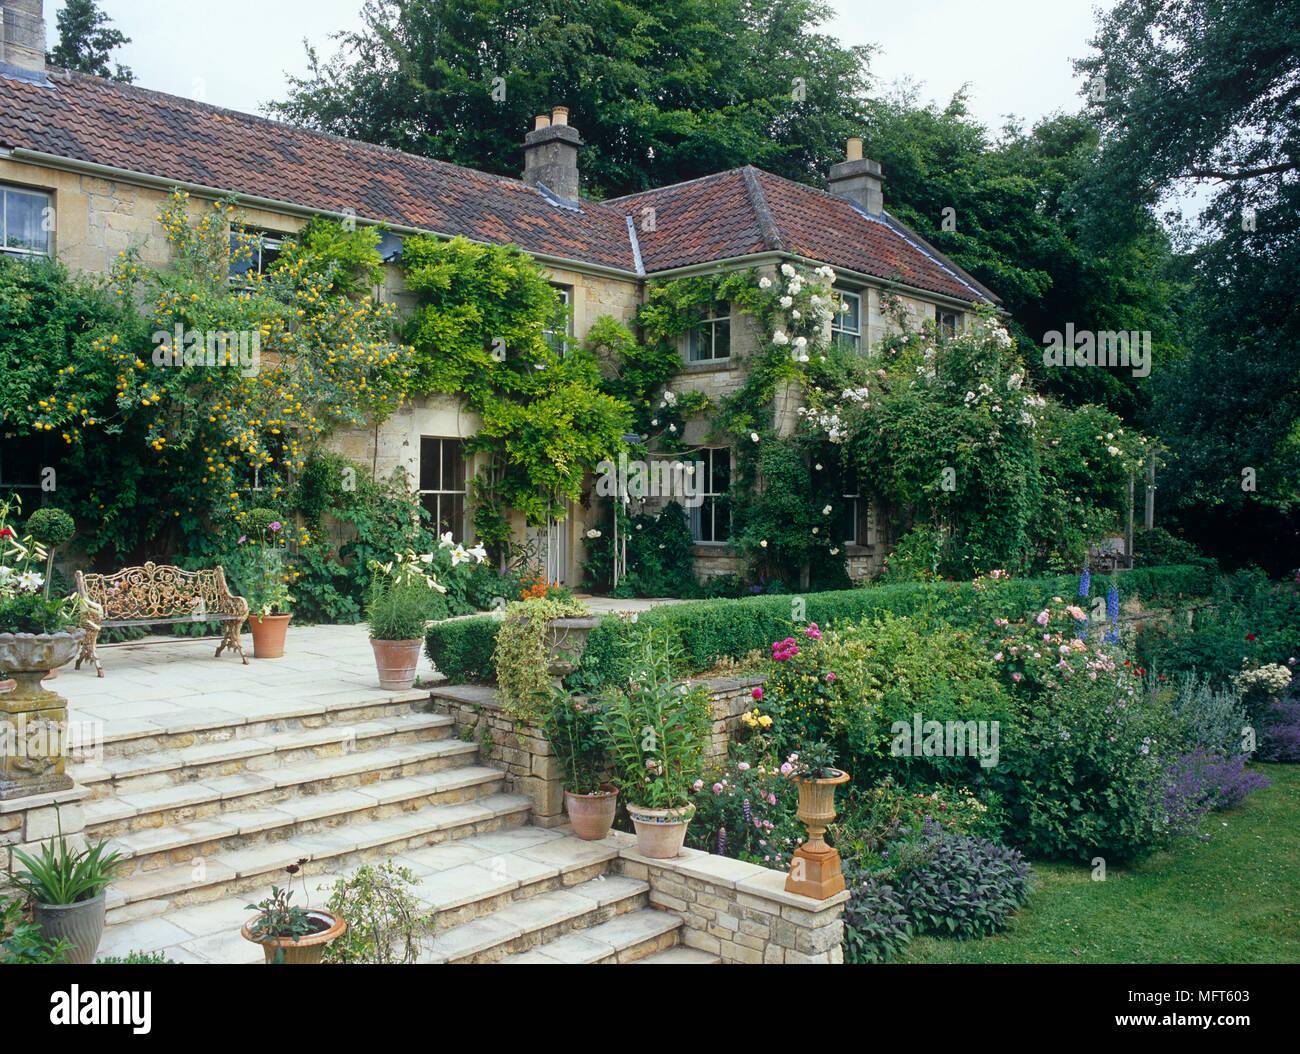 Esterno Casa Di Campagna esterno della casa di campagna con giardino terrazzato con